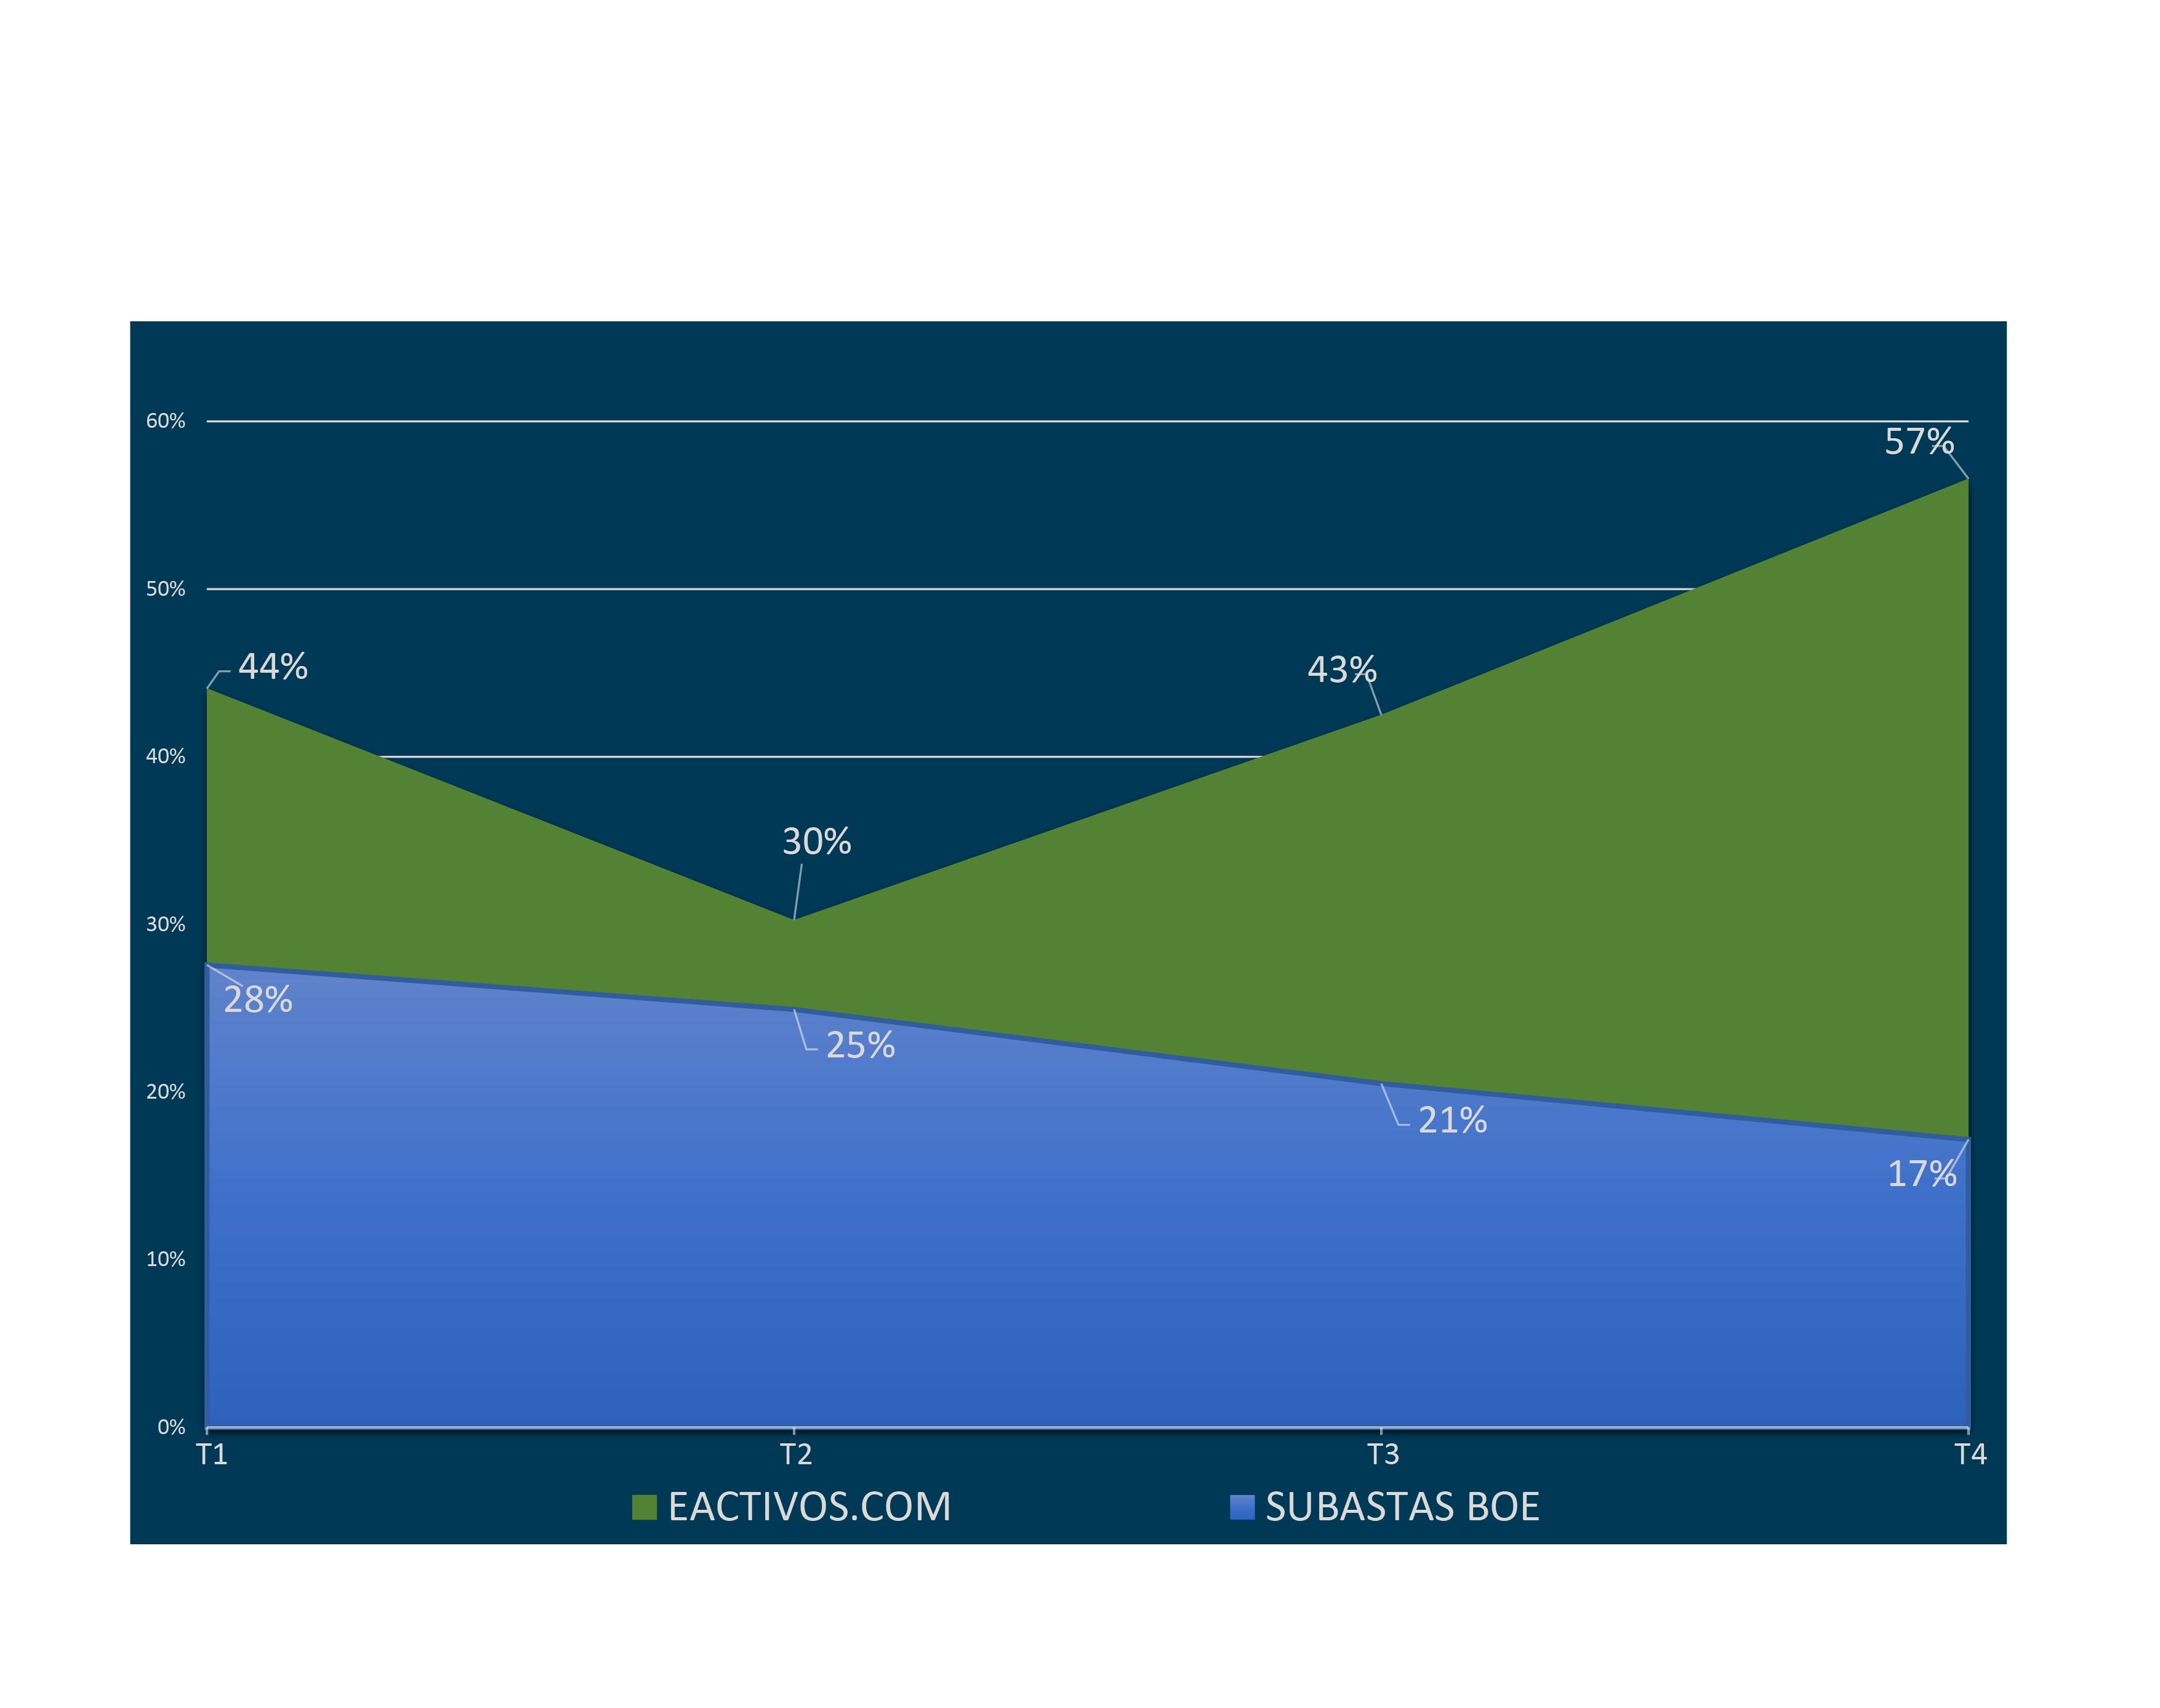 La entidad especializada eactivos.com duplica en rendimiento al portal de subastas del BOE